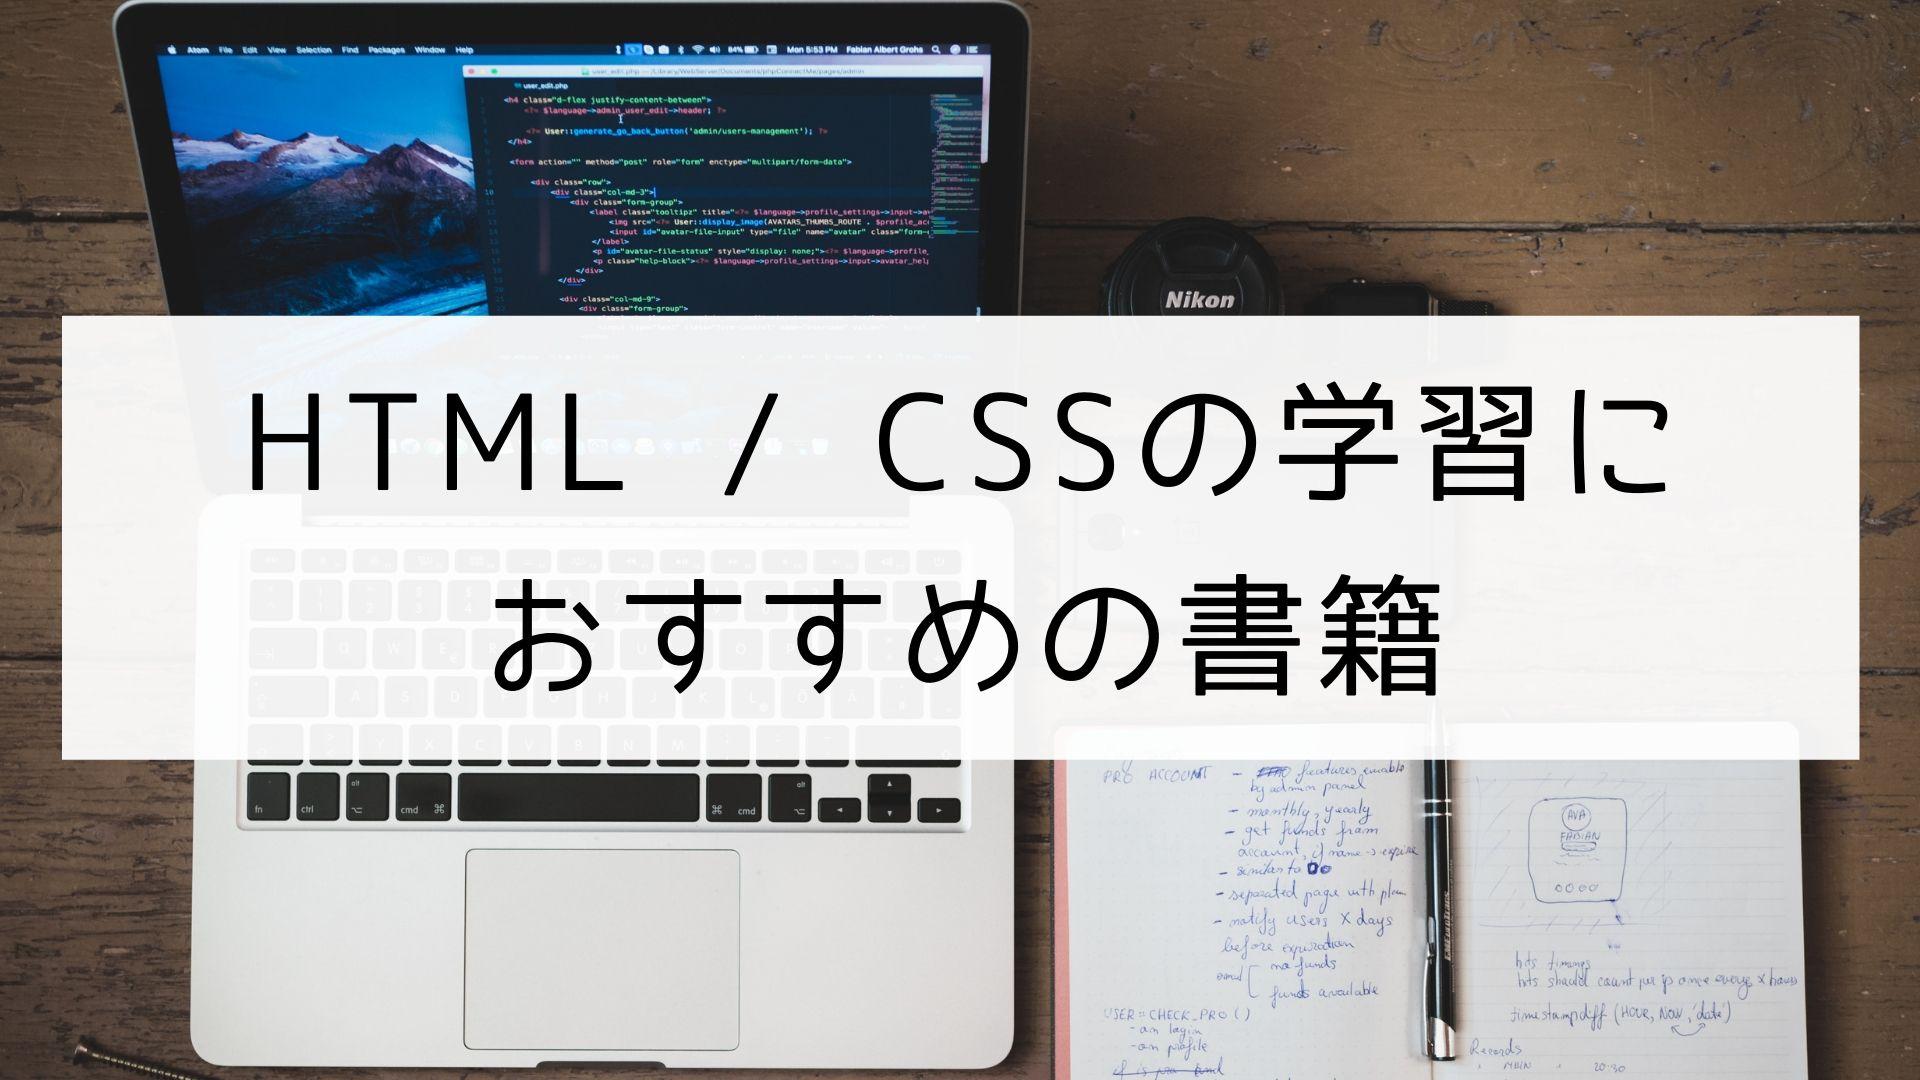 HTML / CSSの学習に役立つ書籍【1度挫折した人もおすすめ!】